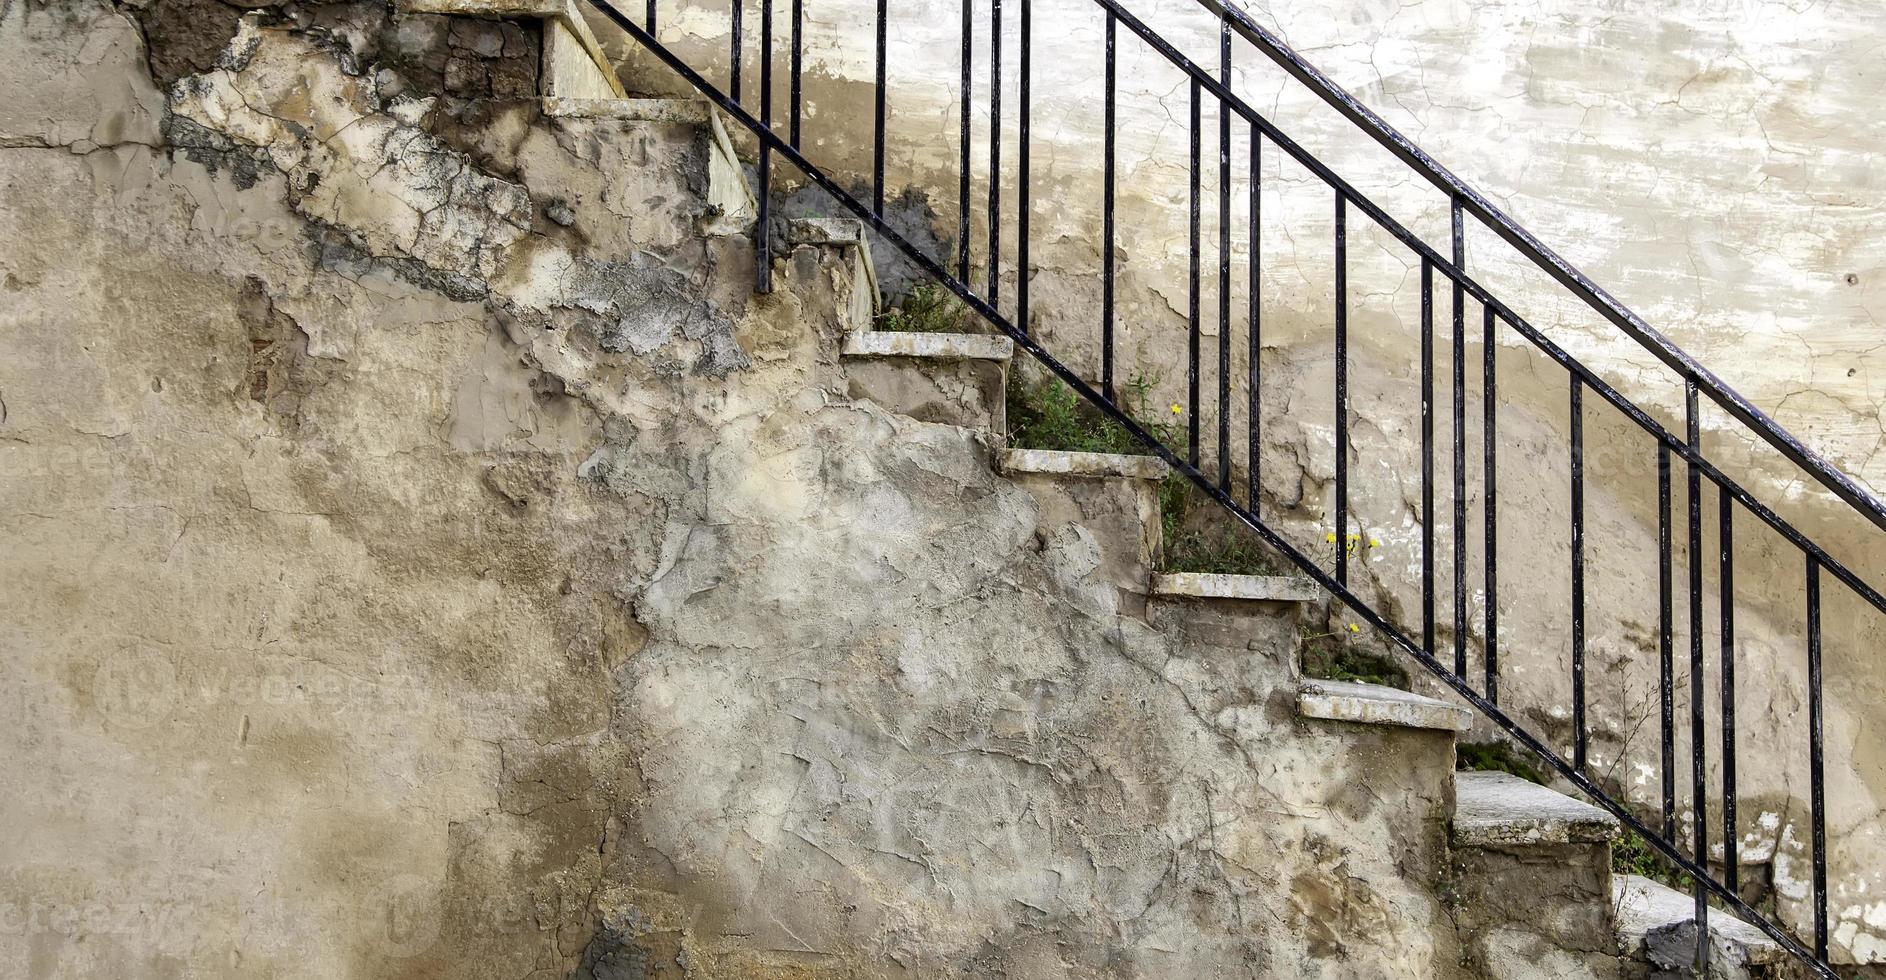 escada de pedra com corrimão foto